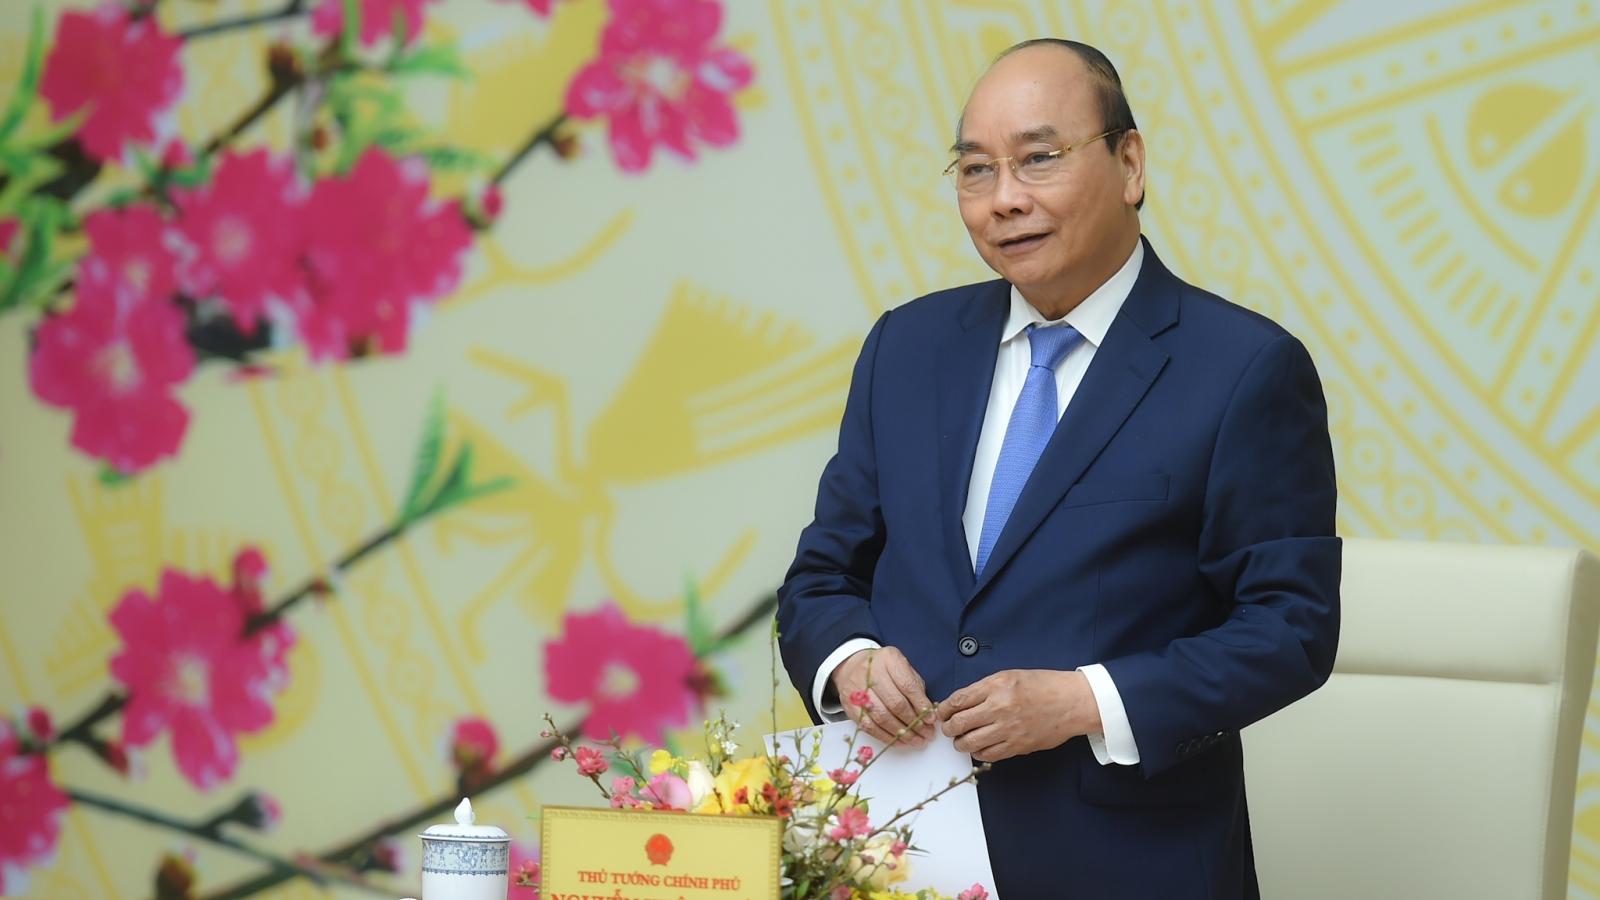 Thủ tướng yêu cầu tập trung công việc ngay từ ngày làm việc đầu tiên